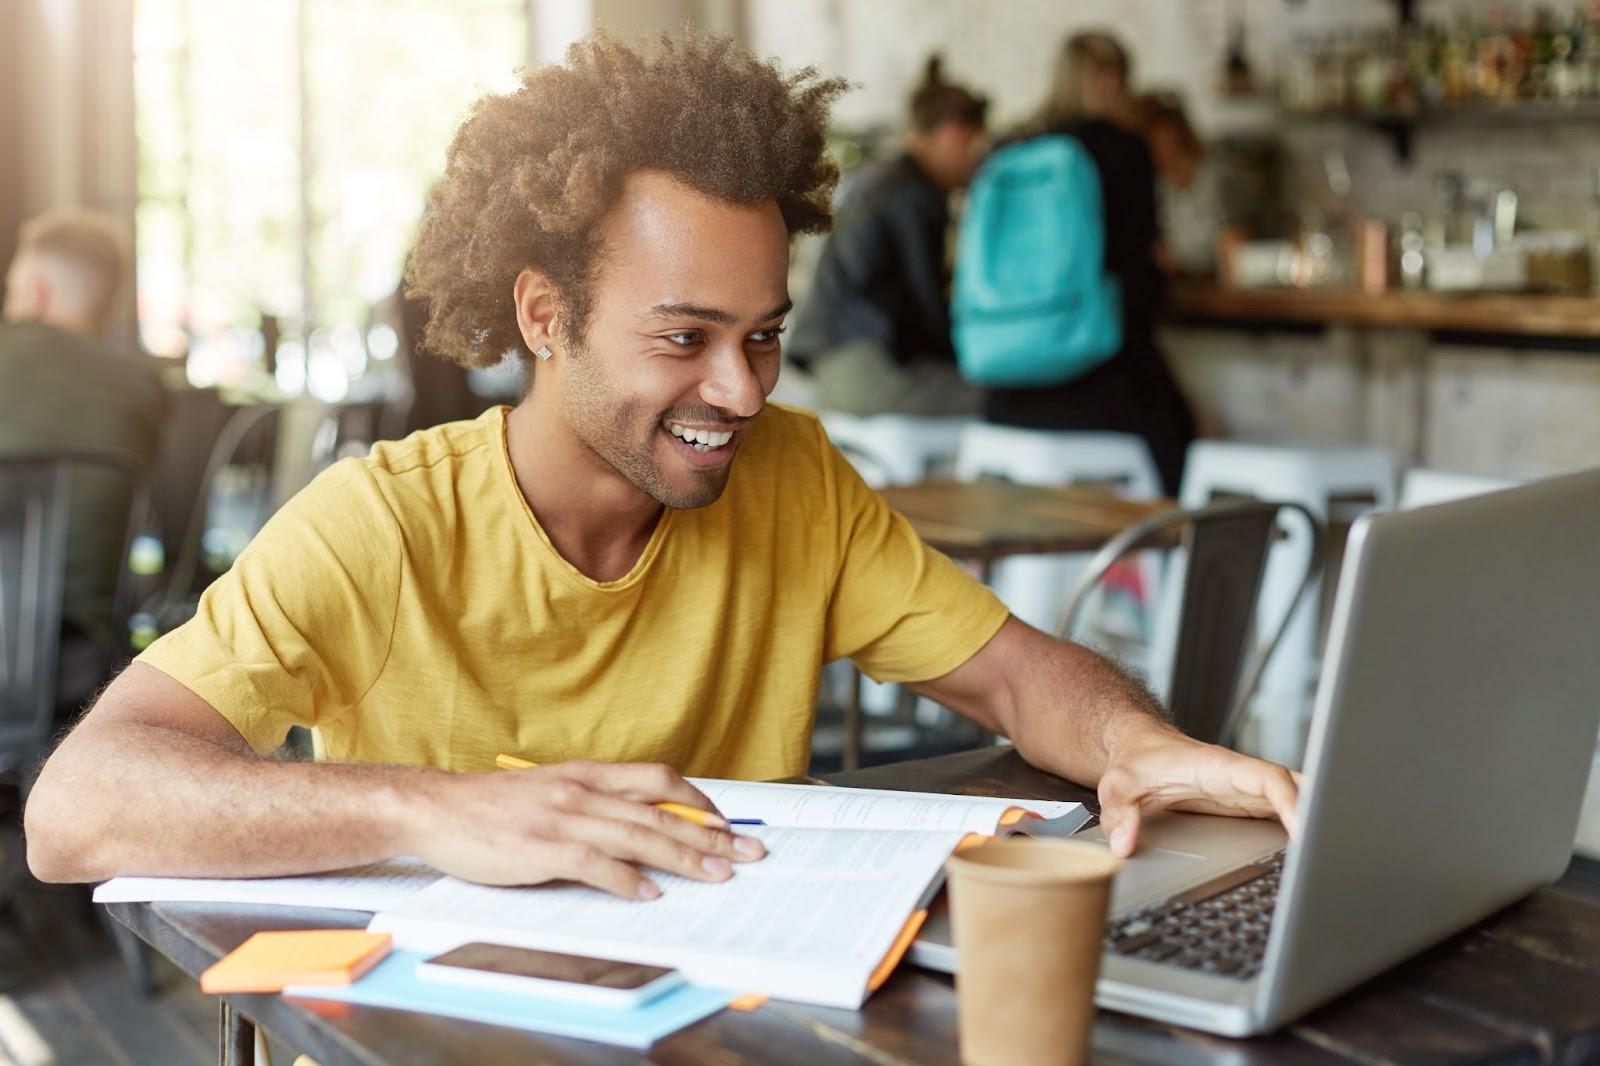 Menino estudando no computador